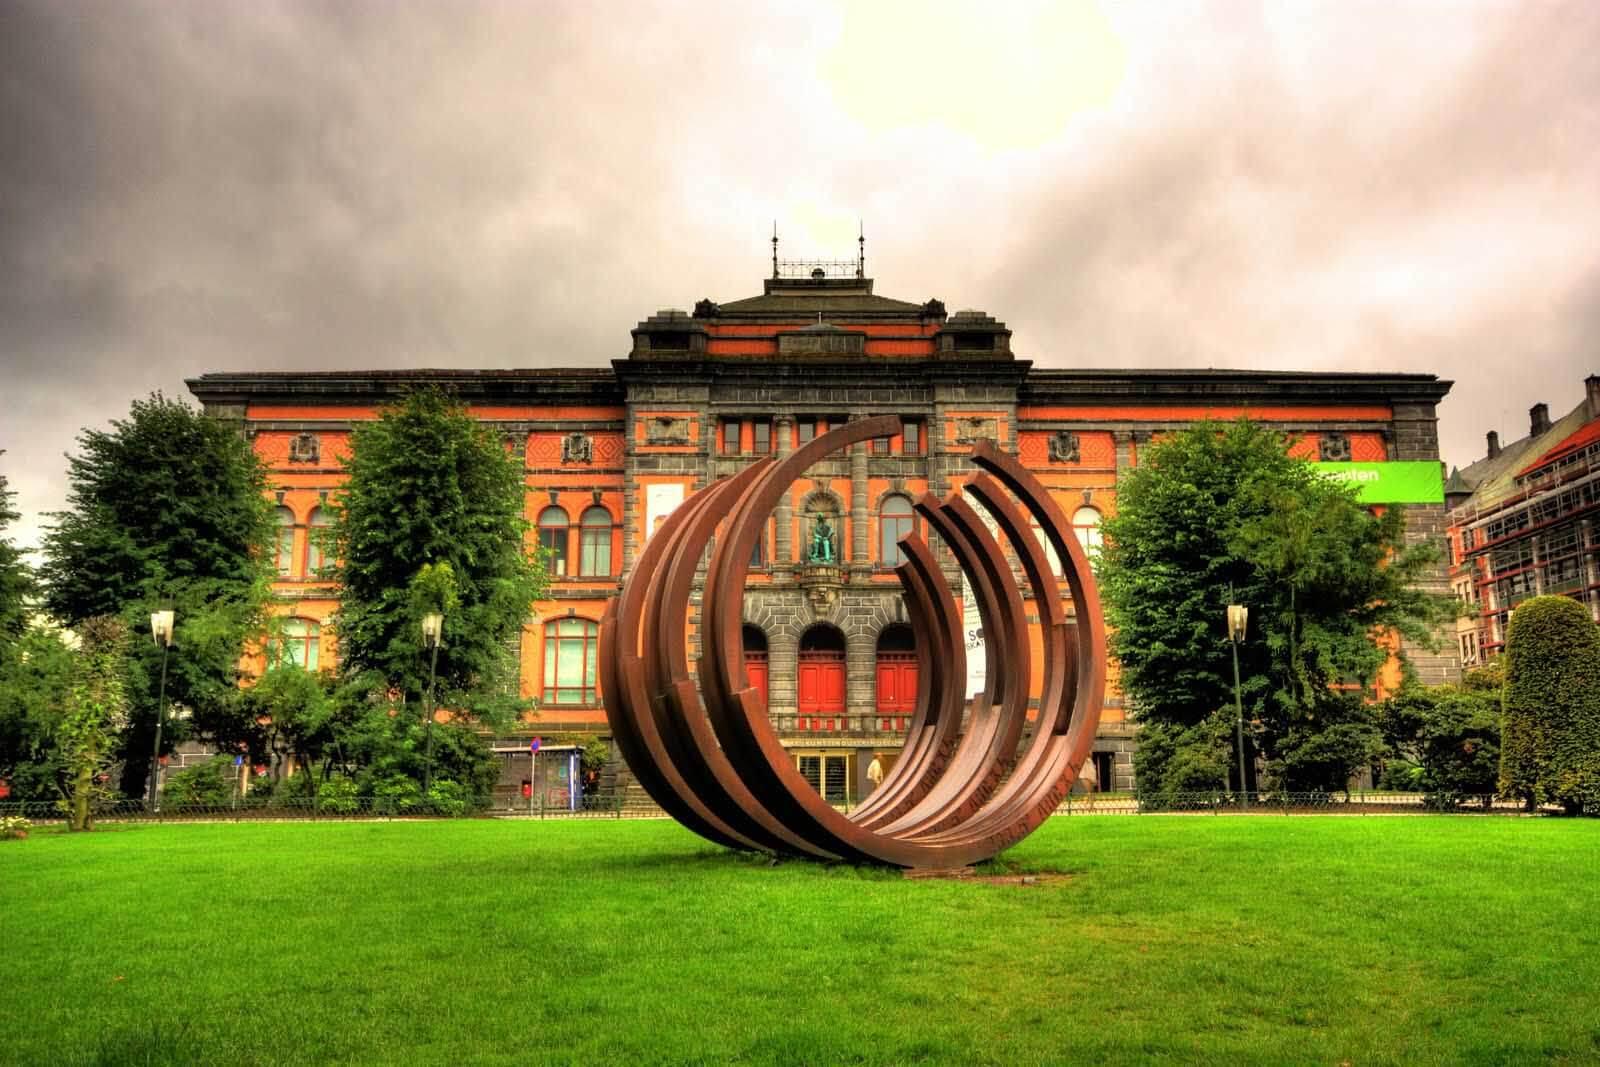 Музеи Норвегии - Музей прикладного искусства